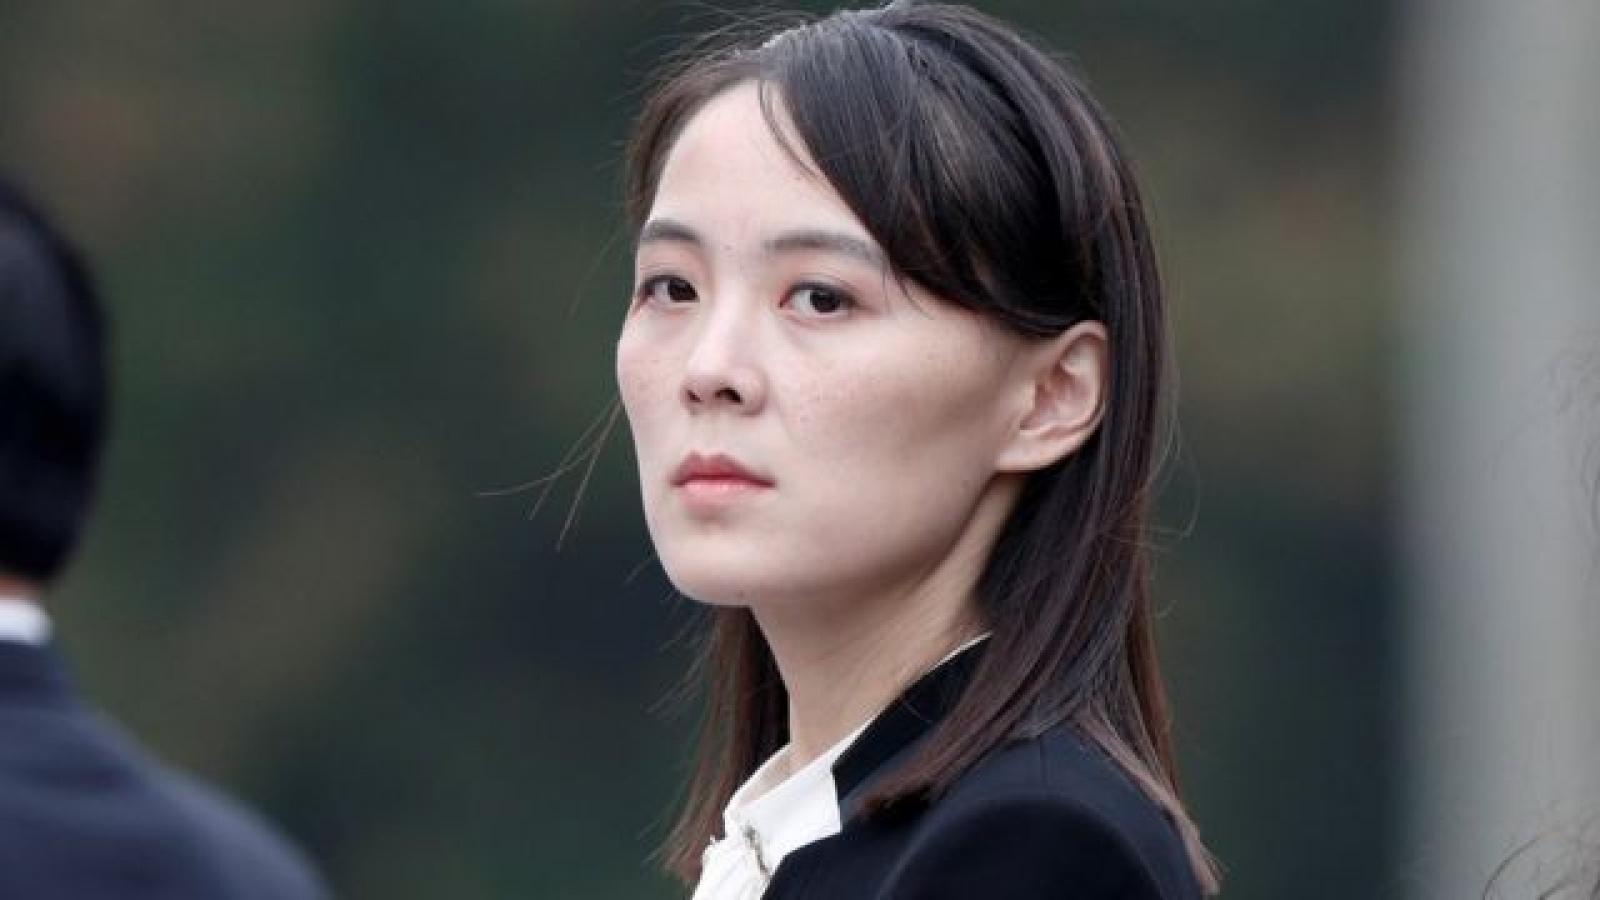 Triều Tiên cảnh báo khả năng hủy bỏ Thỏa thuận quân sự liên Triều